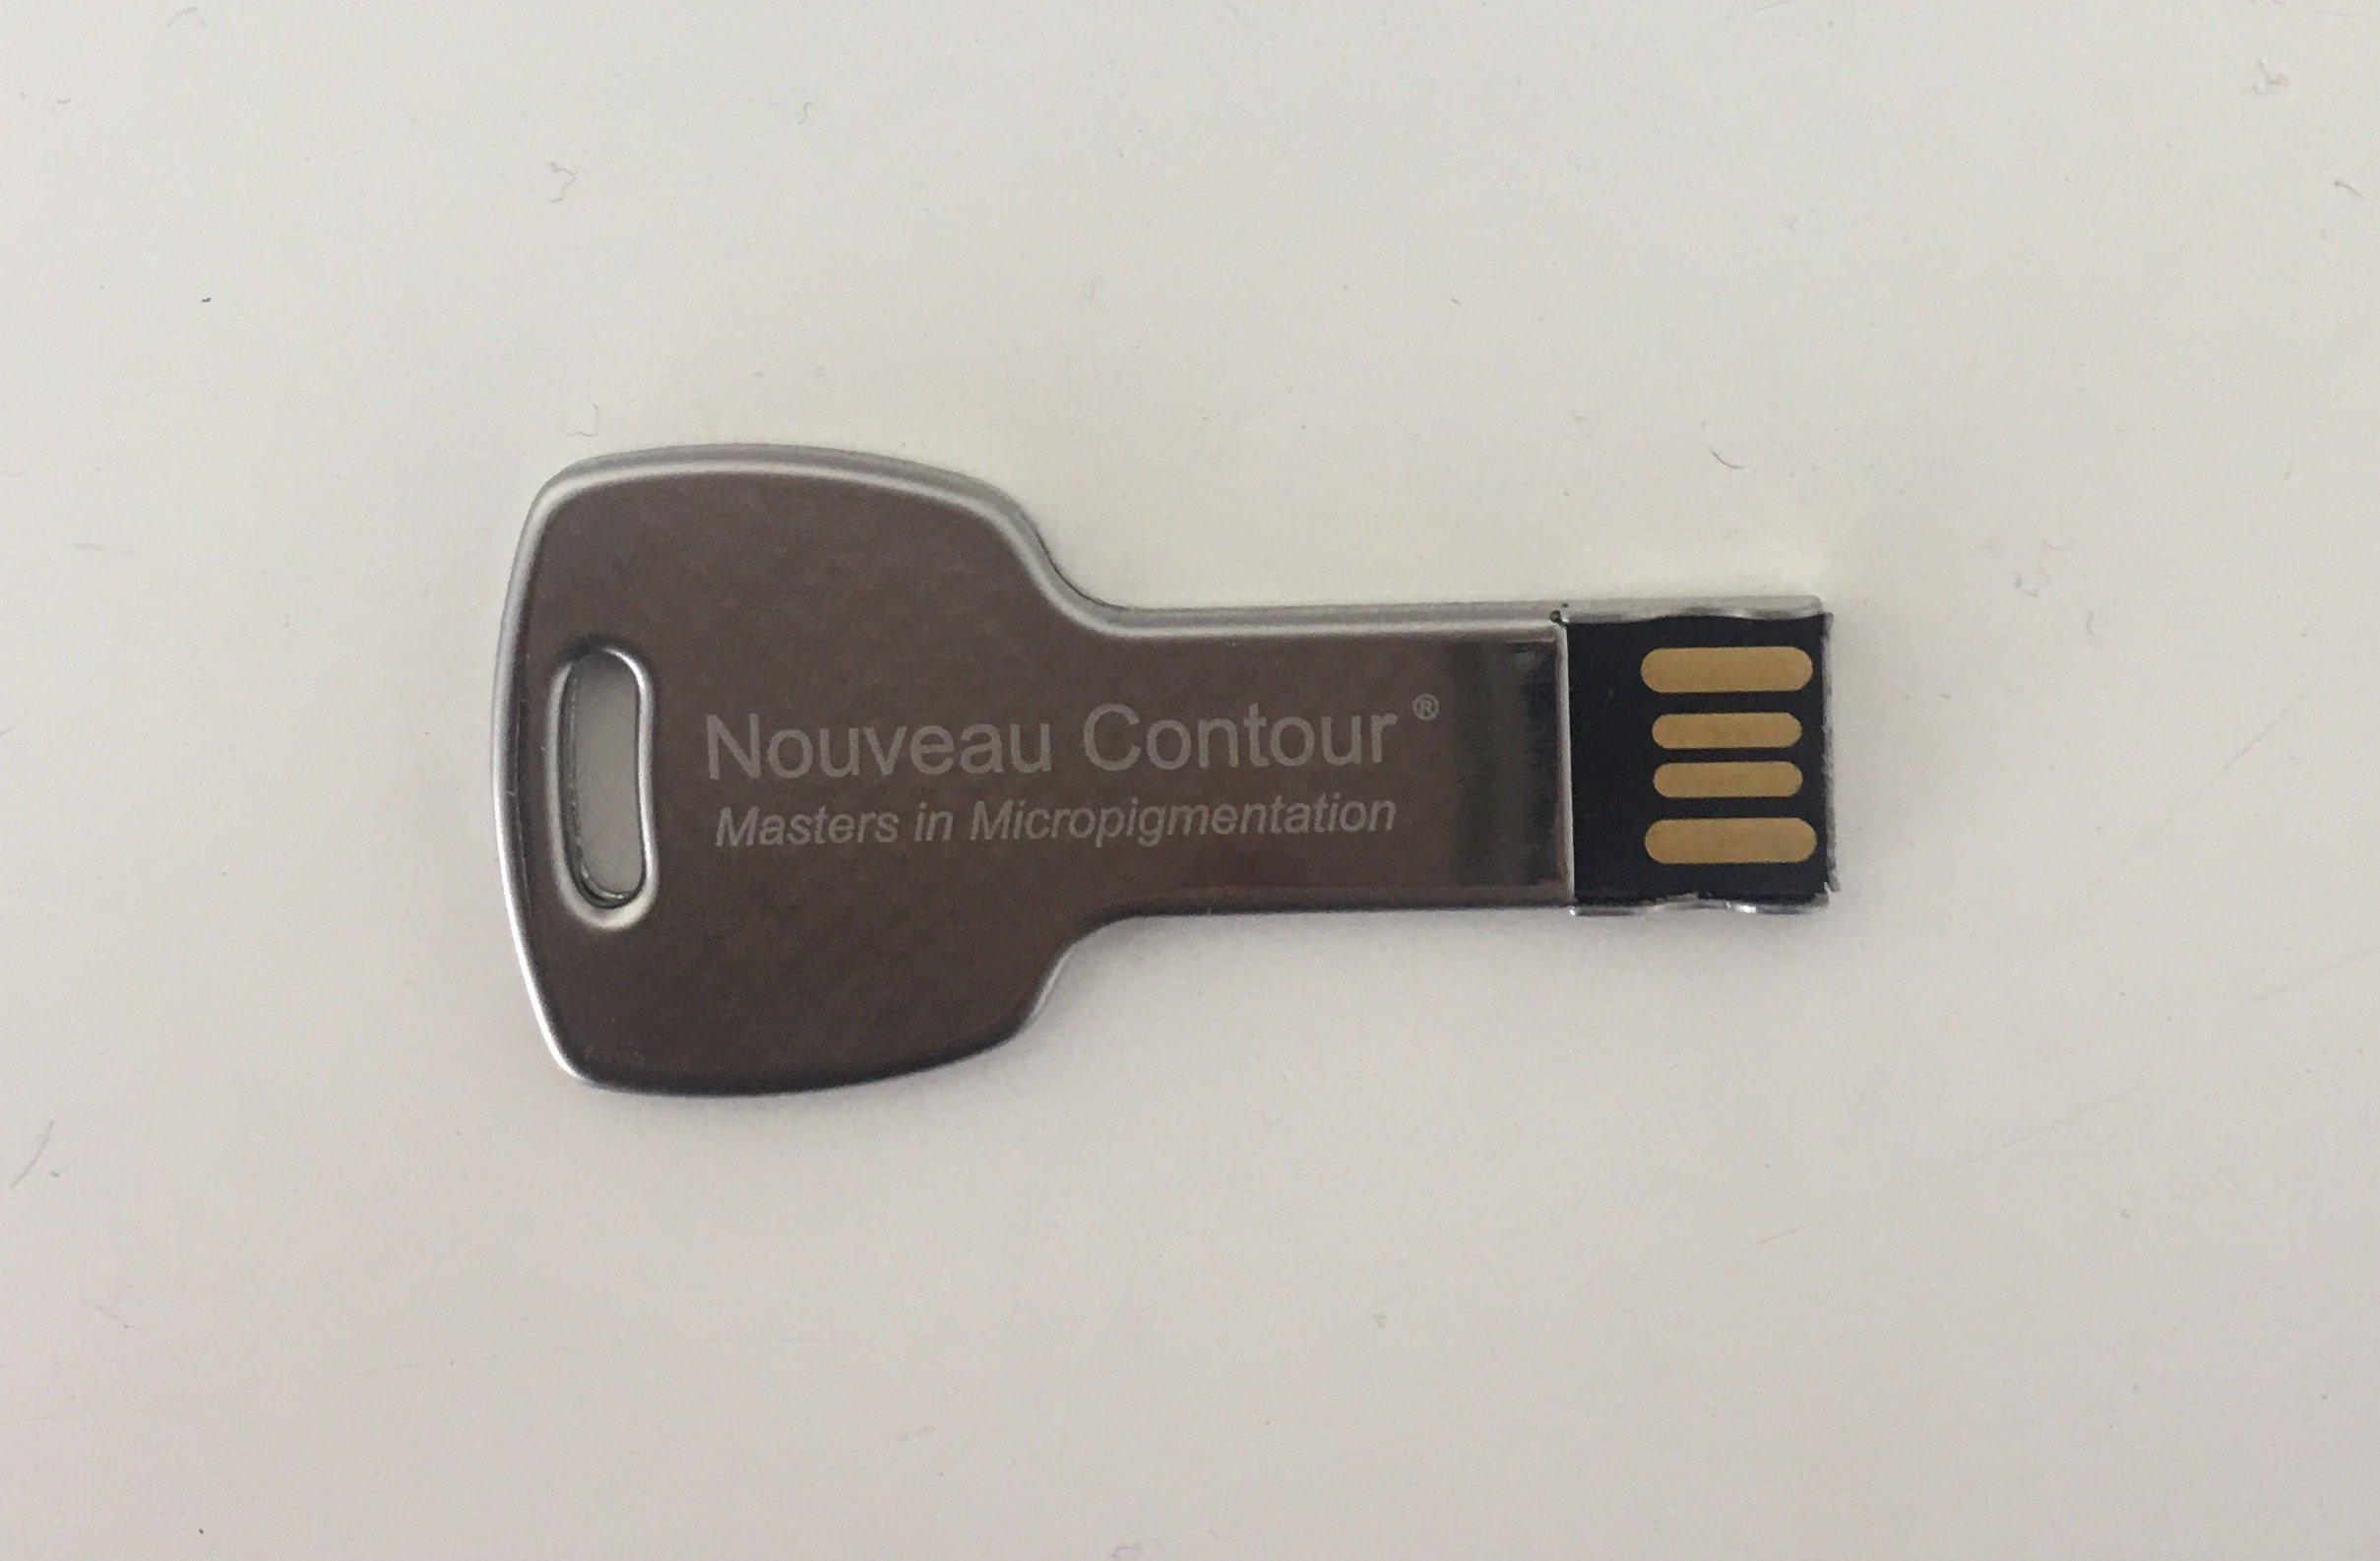 USB stick  with Docs USB